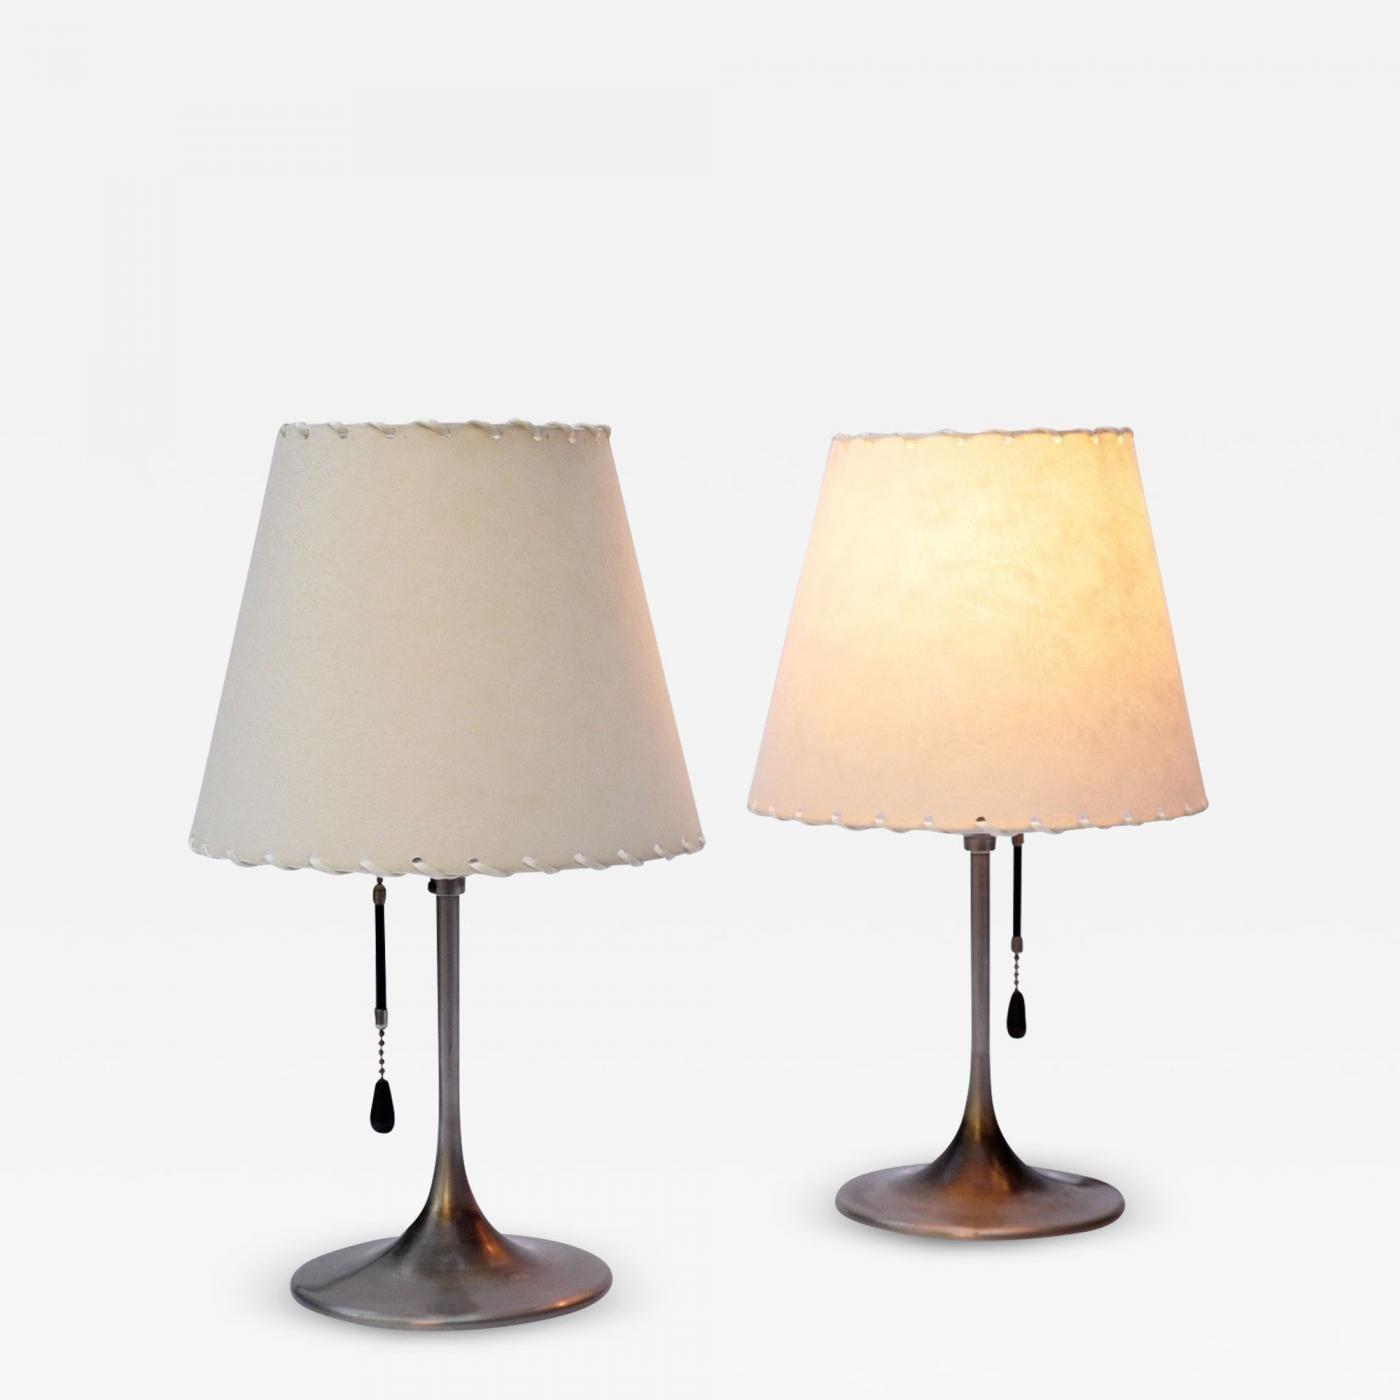 Pair Of Bronzewarenfabrik 1930 S Bedside Lamps Lamp Bedside Lamp Table Lamp